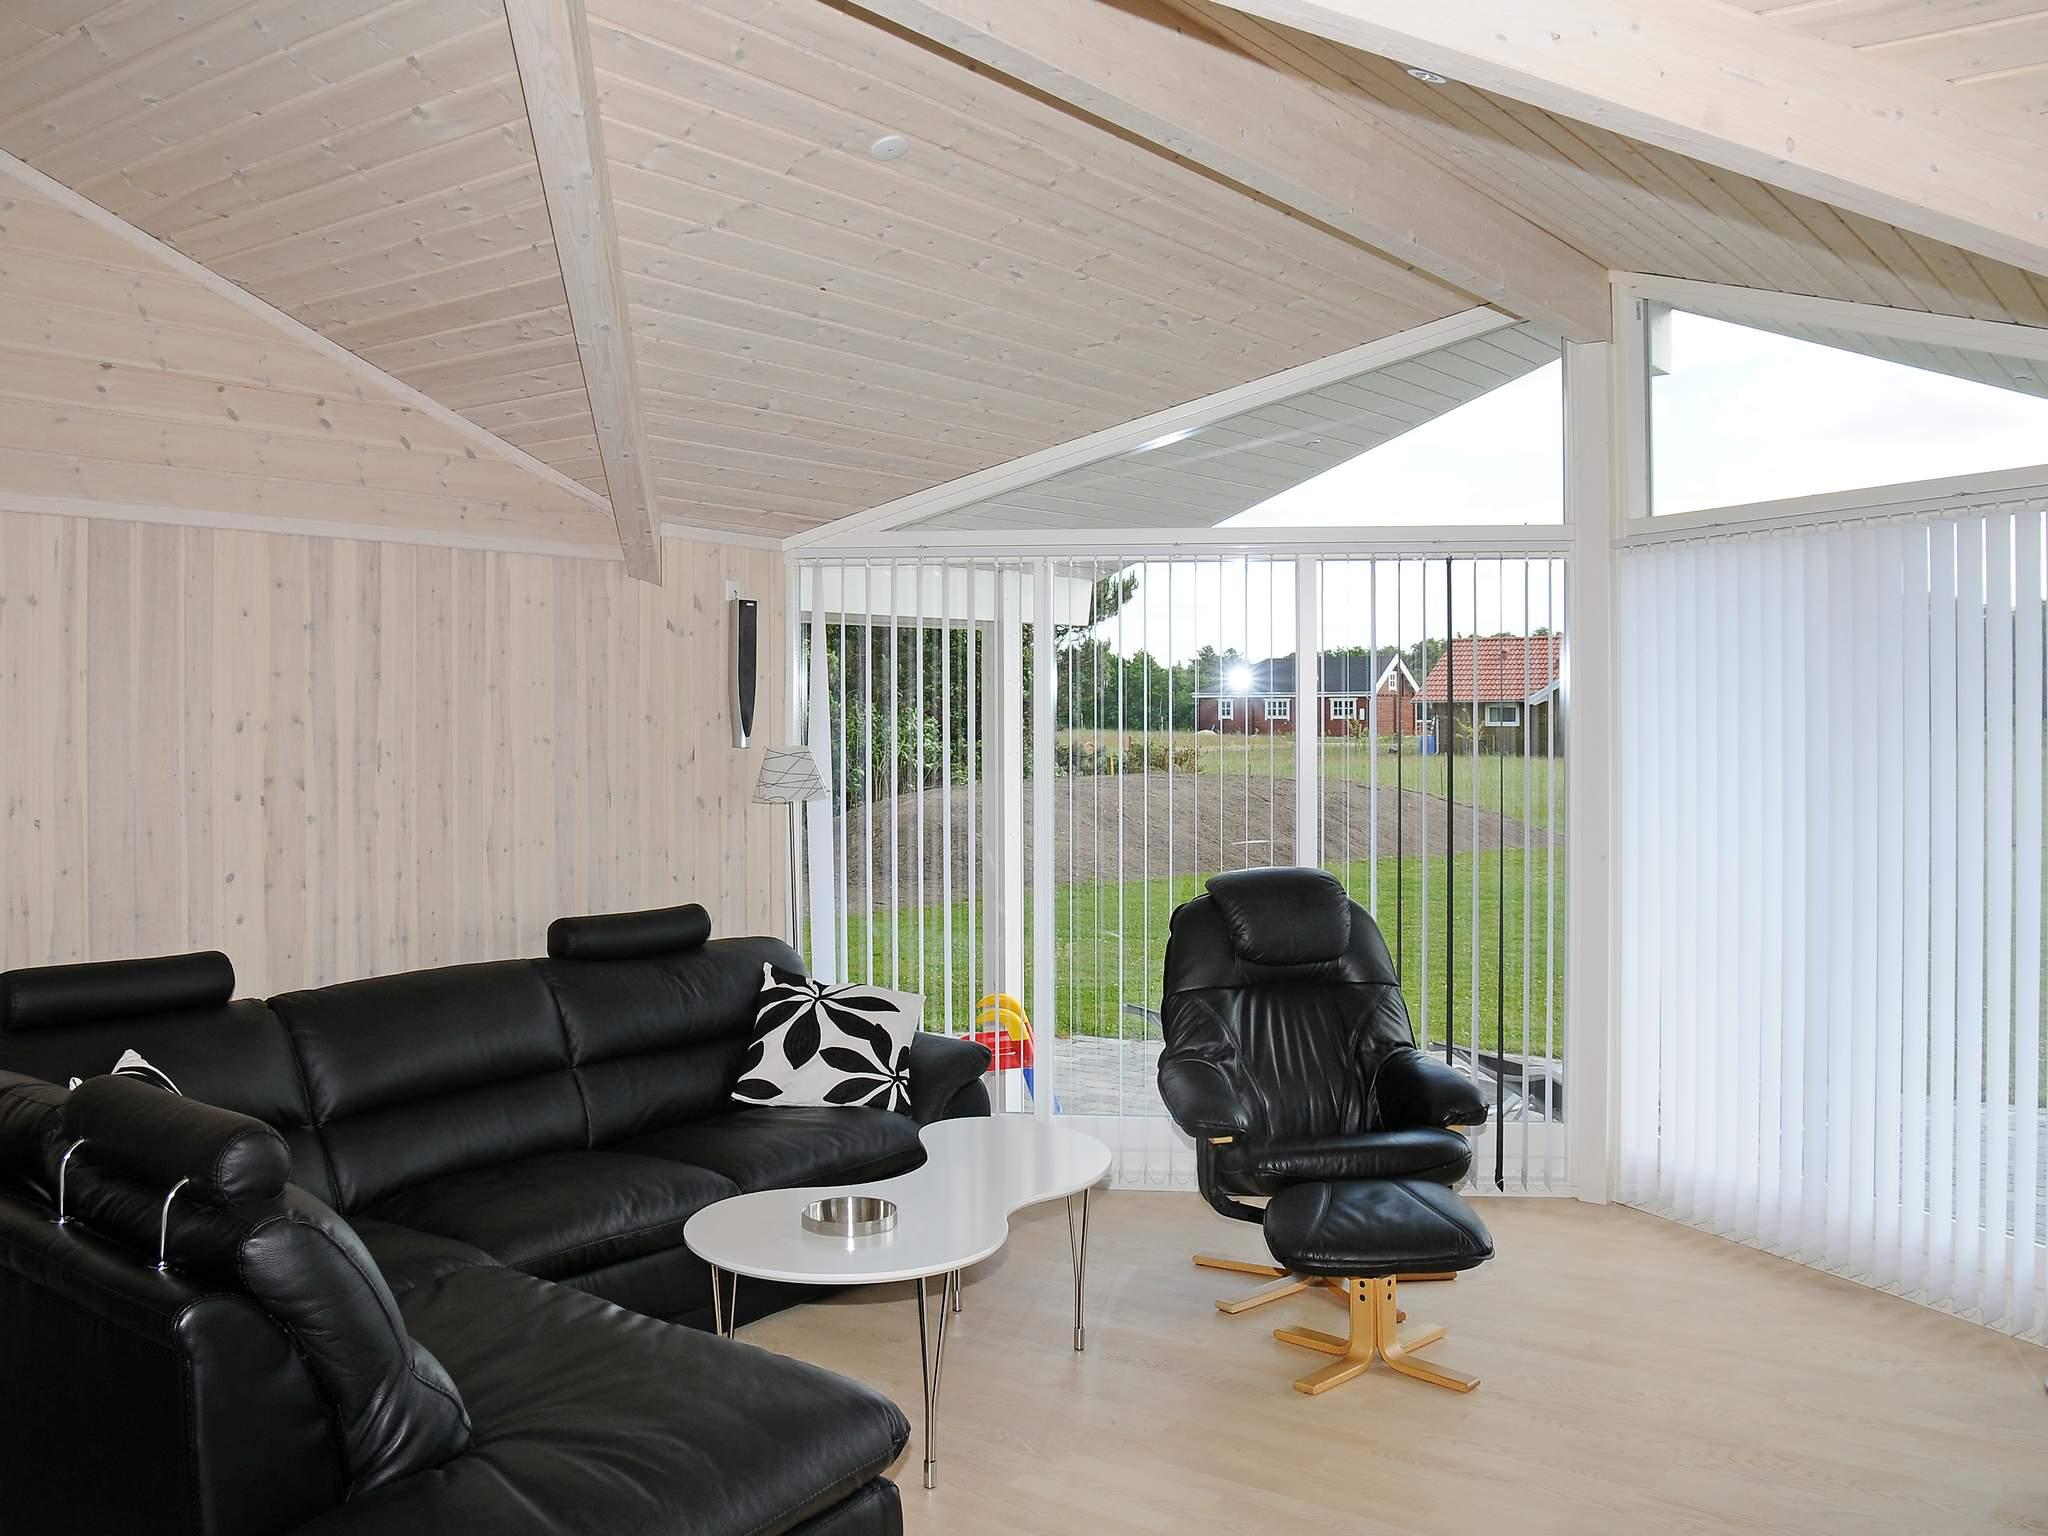 Ferienhaus Hovborg (344962), Hovborg, , Südjütland, Dänemark, Bild 2